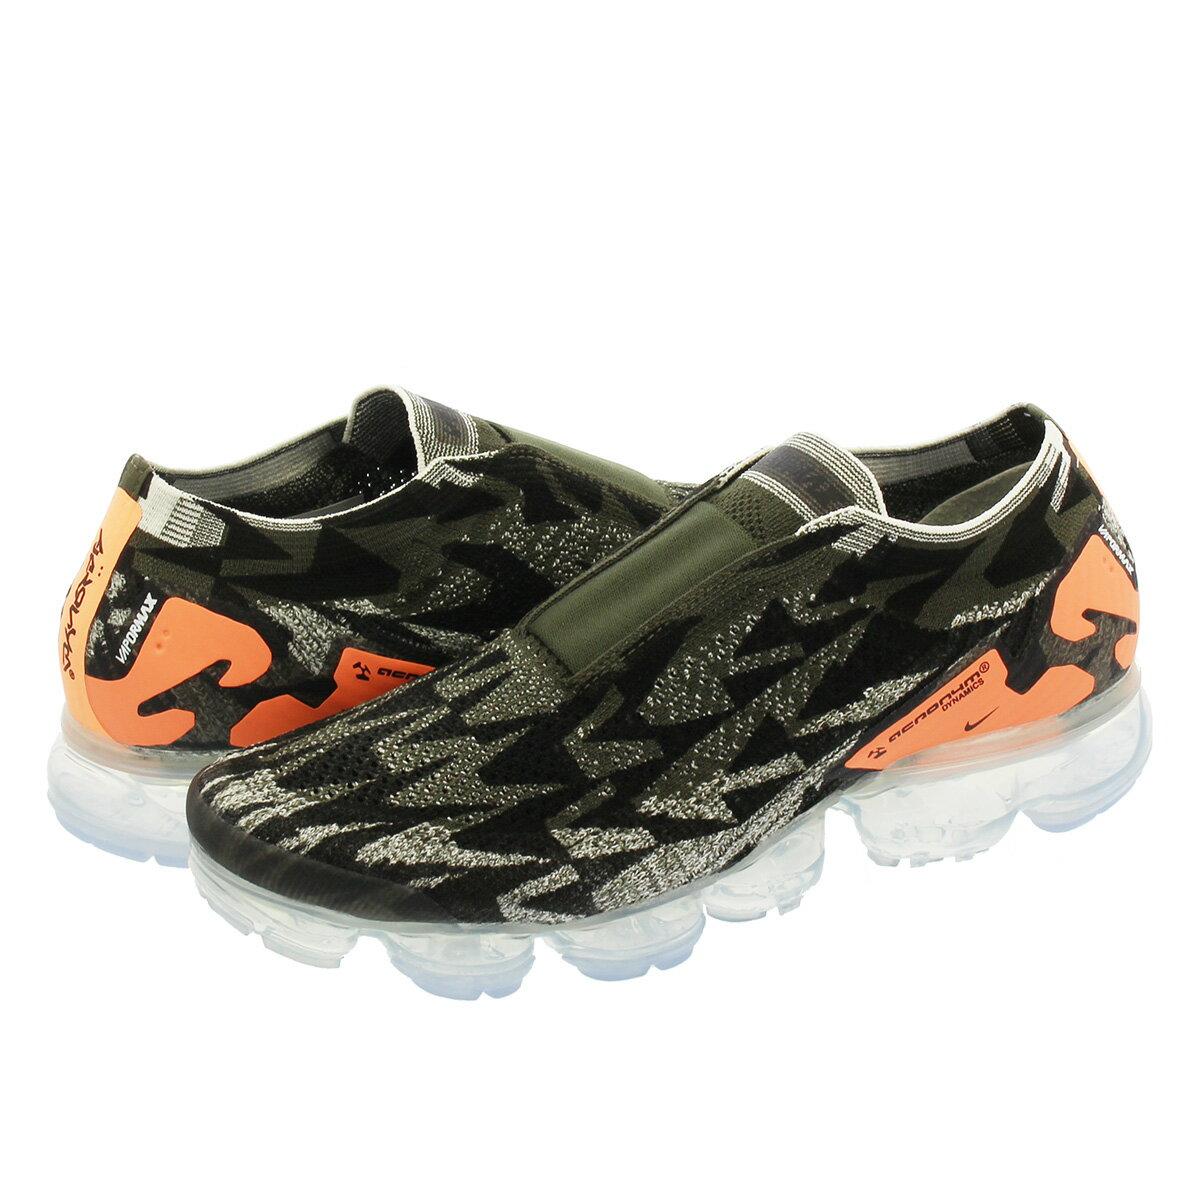 メンズ靴, スニーカー  NIKE ACRONYM AIR VAPORMAX MOC 2 2 SAILCARGO KHAKIDARK STUCCO aq0996-102